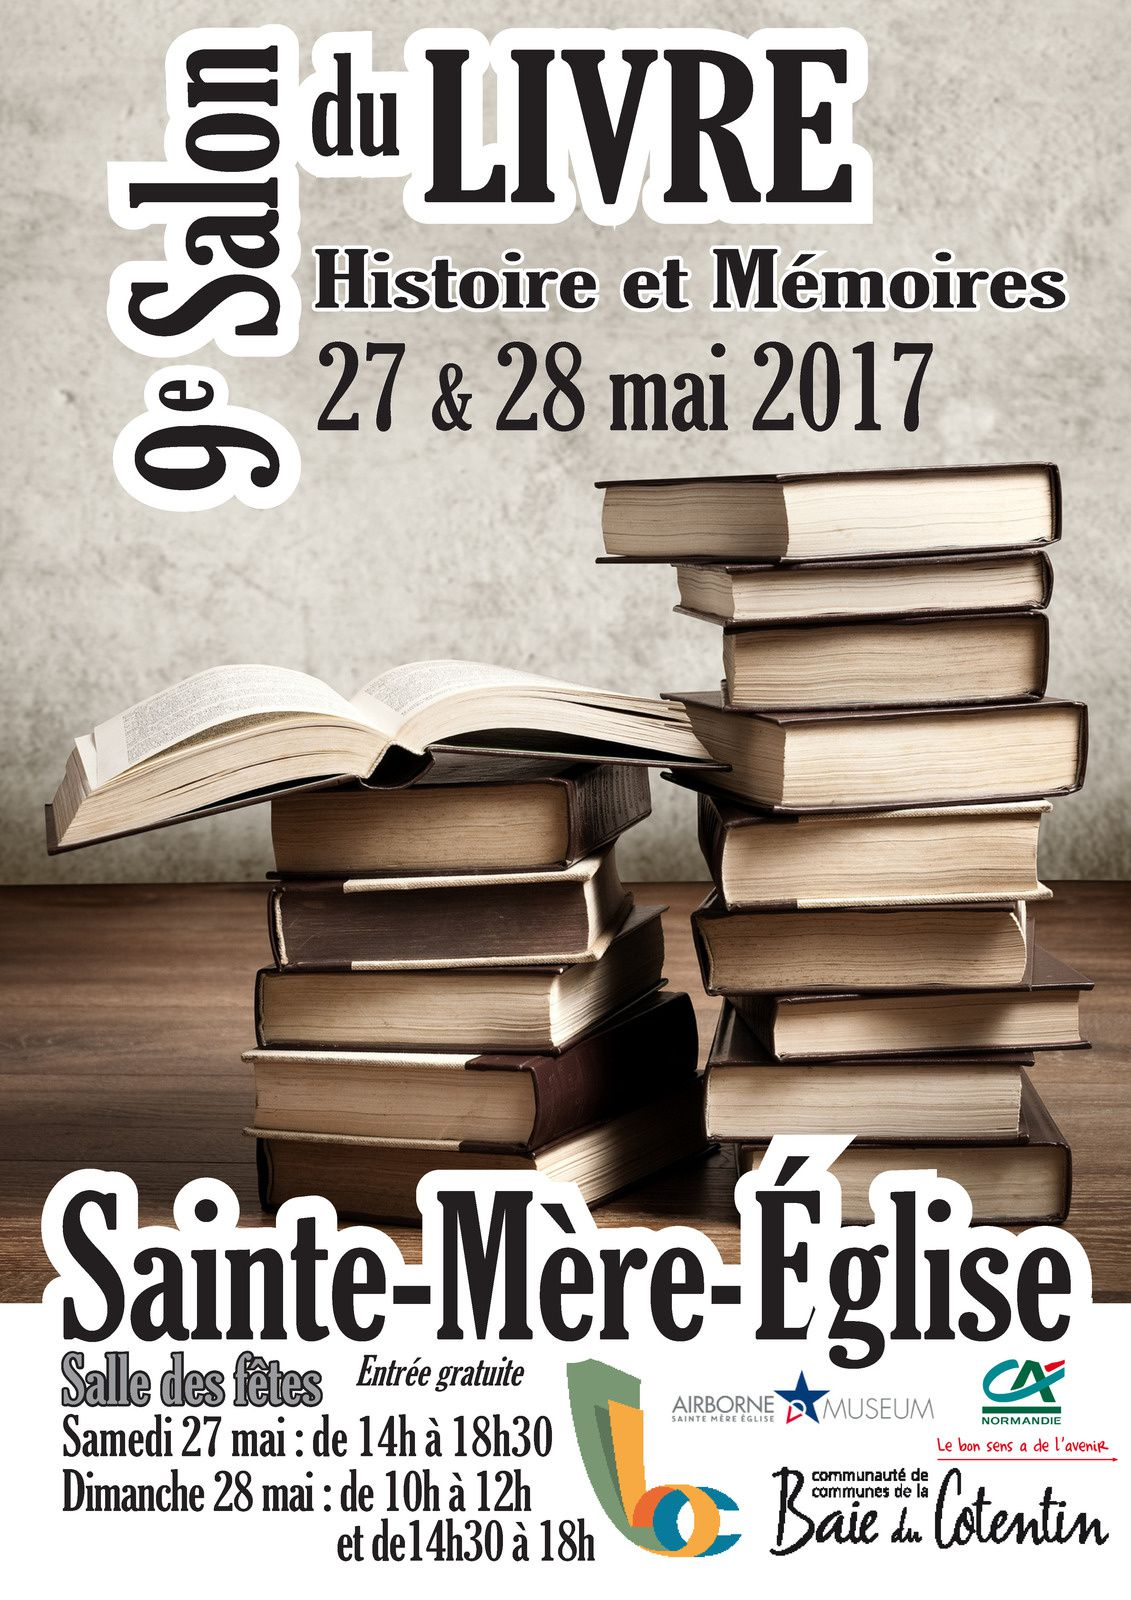 9ème SALON DU LIVRE DE SAINTE-MERE-EGLISE 27 &amp&#x3B; 28 MAI 2017